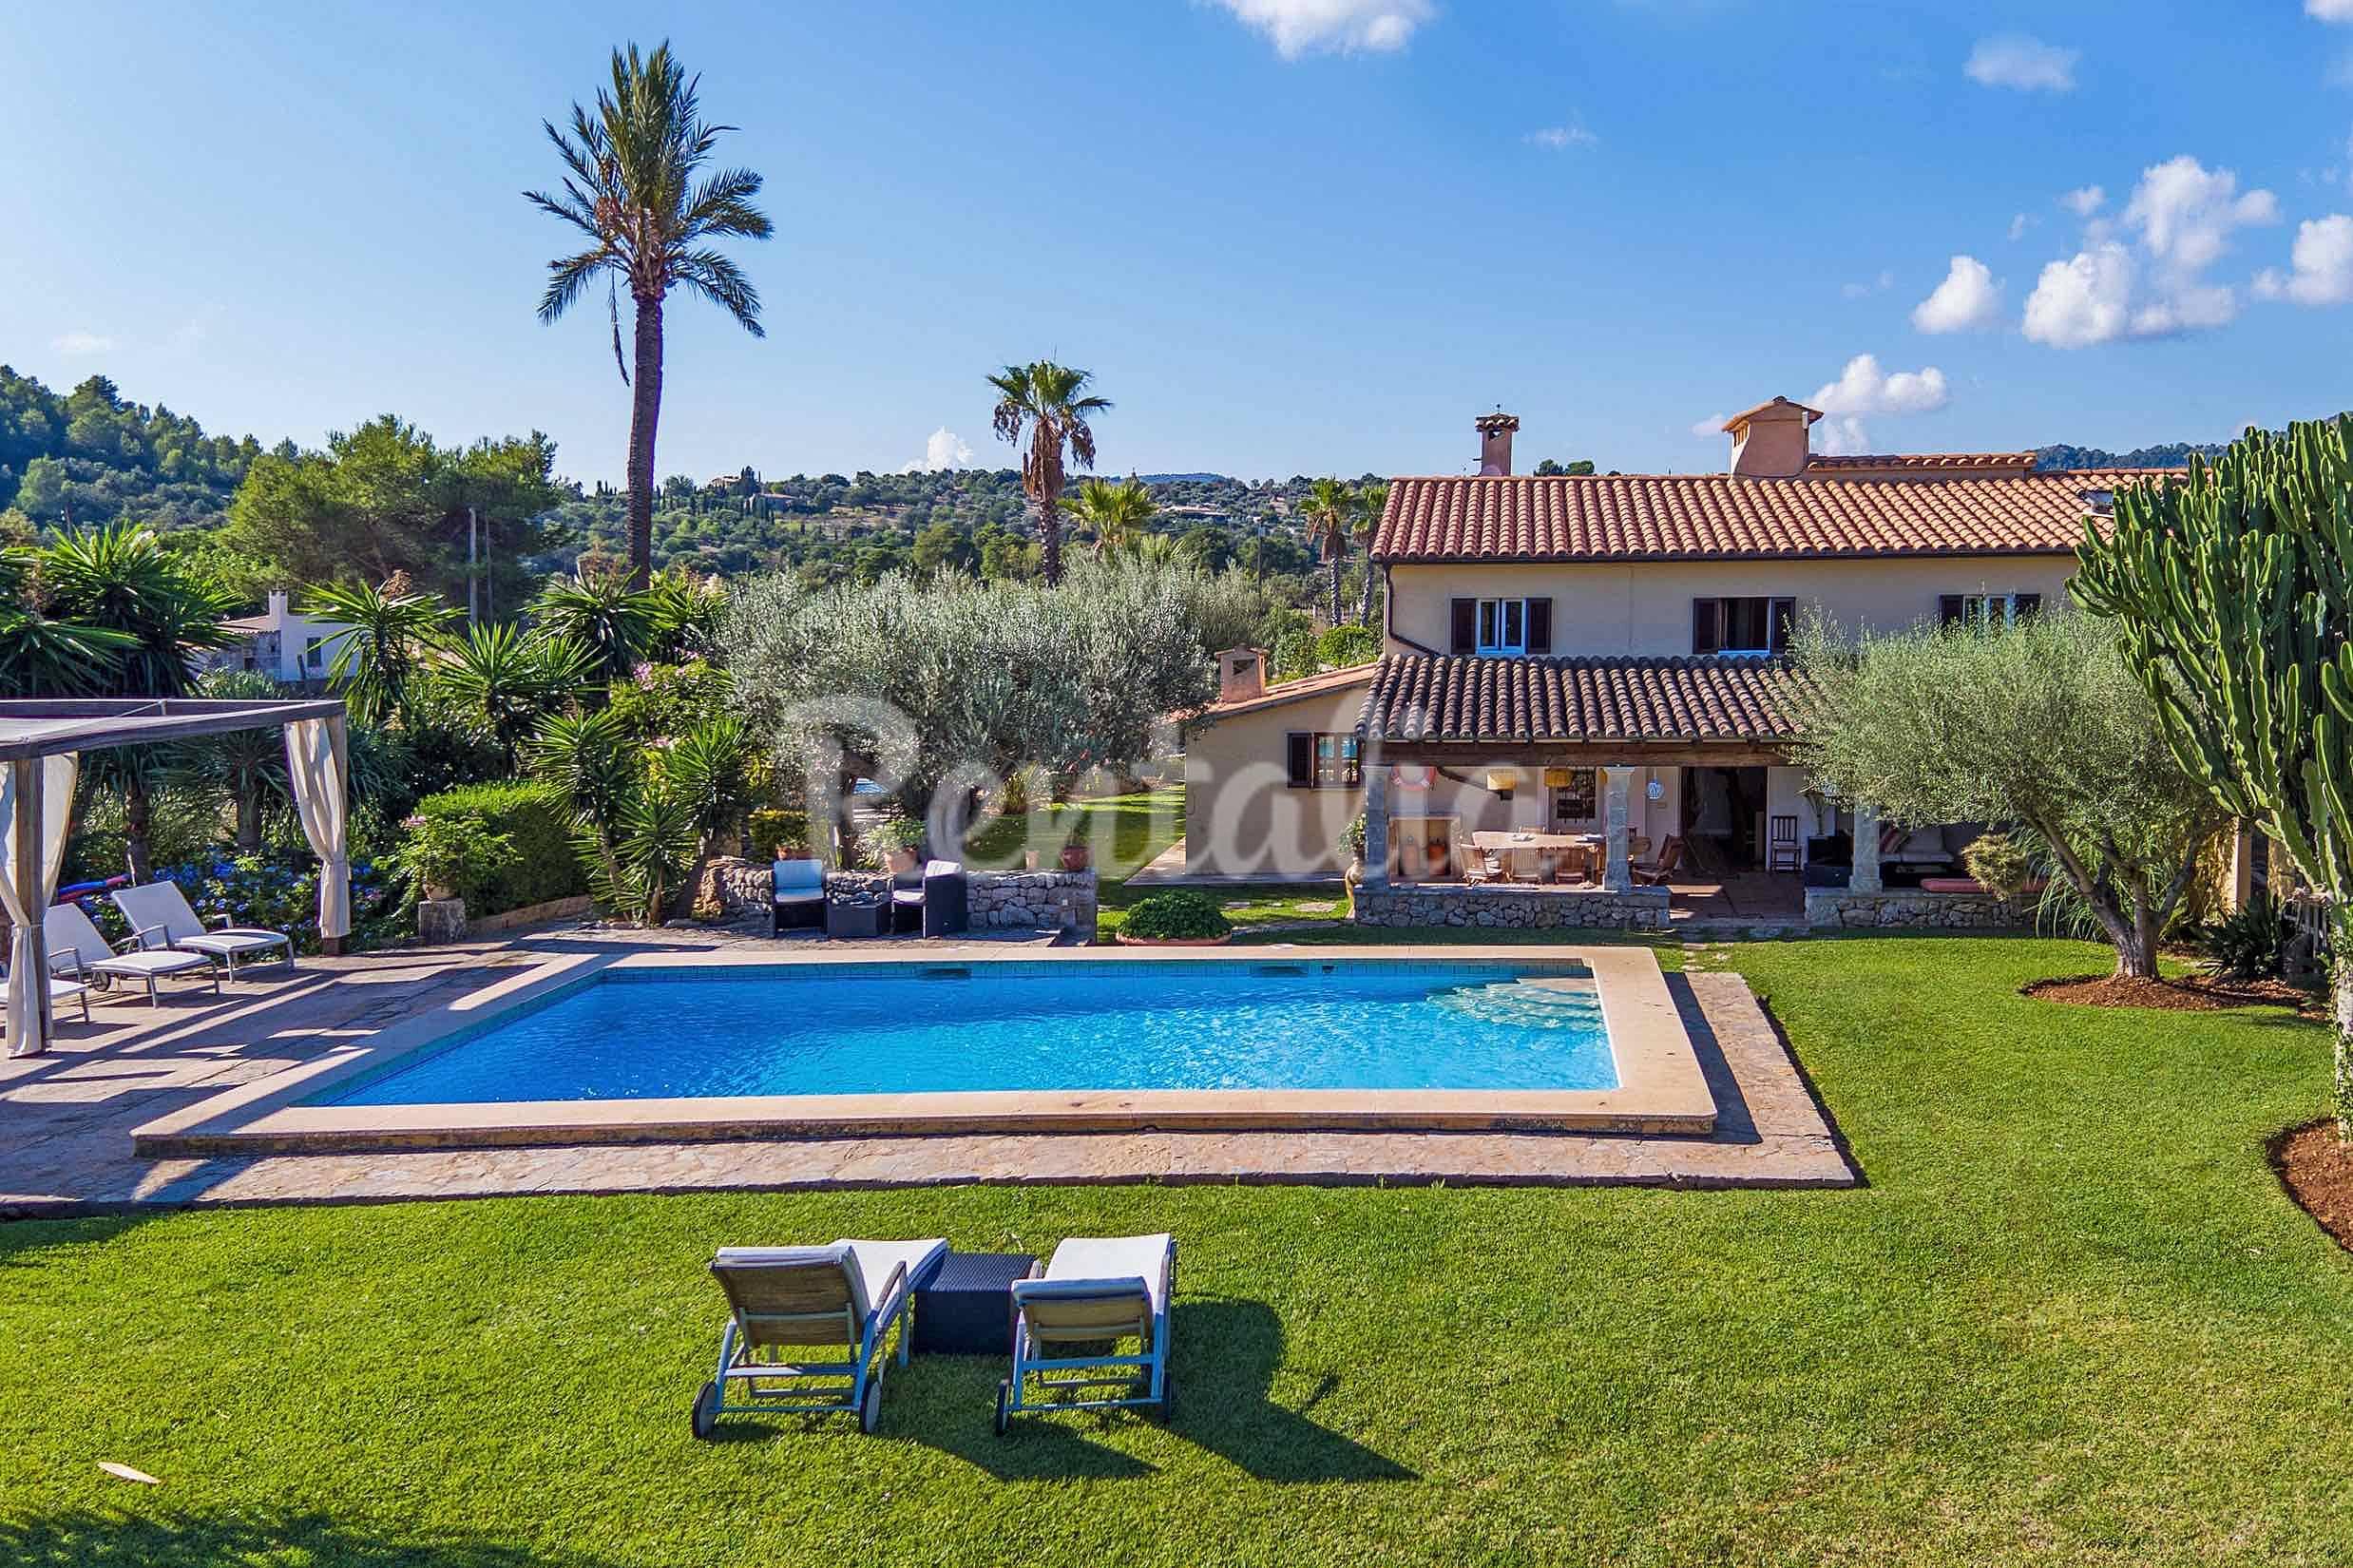 Villa de 6 dormitorios grandes jardines y piscina for Piscina y jardin mallorca